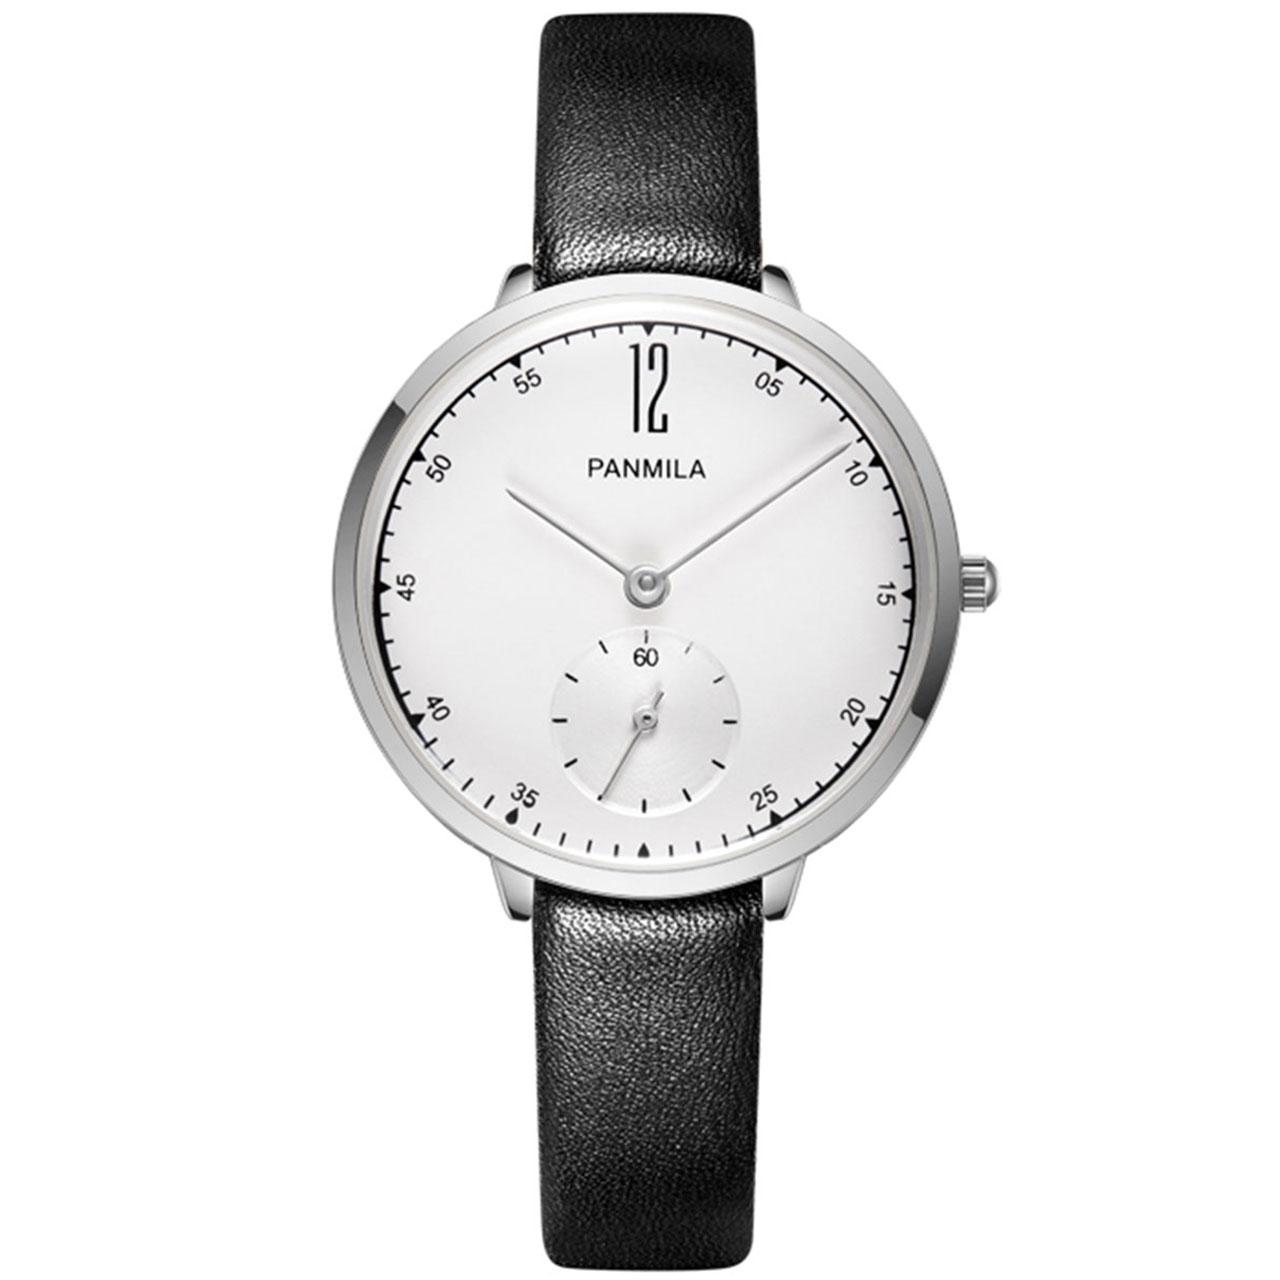 ساعت مچی عقربه ای زنانه پانمیلا مدل P0162MDZ1WHW 55